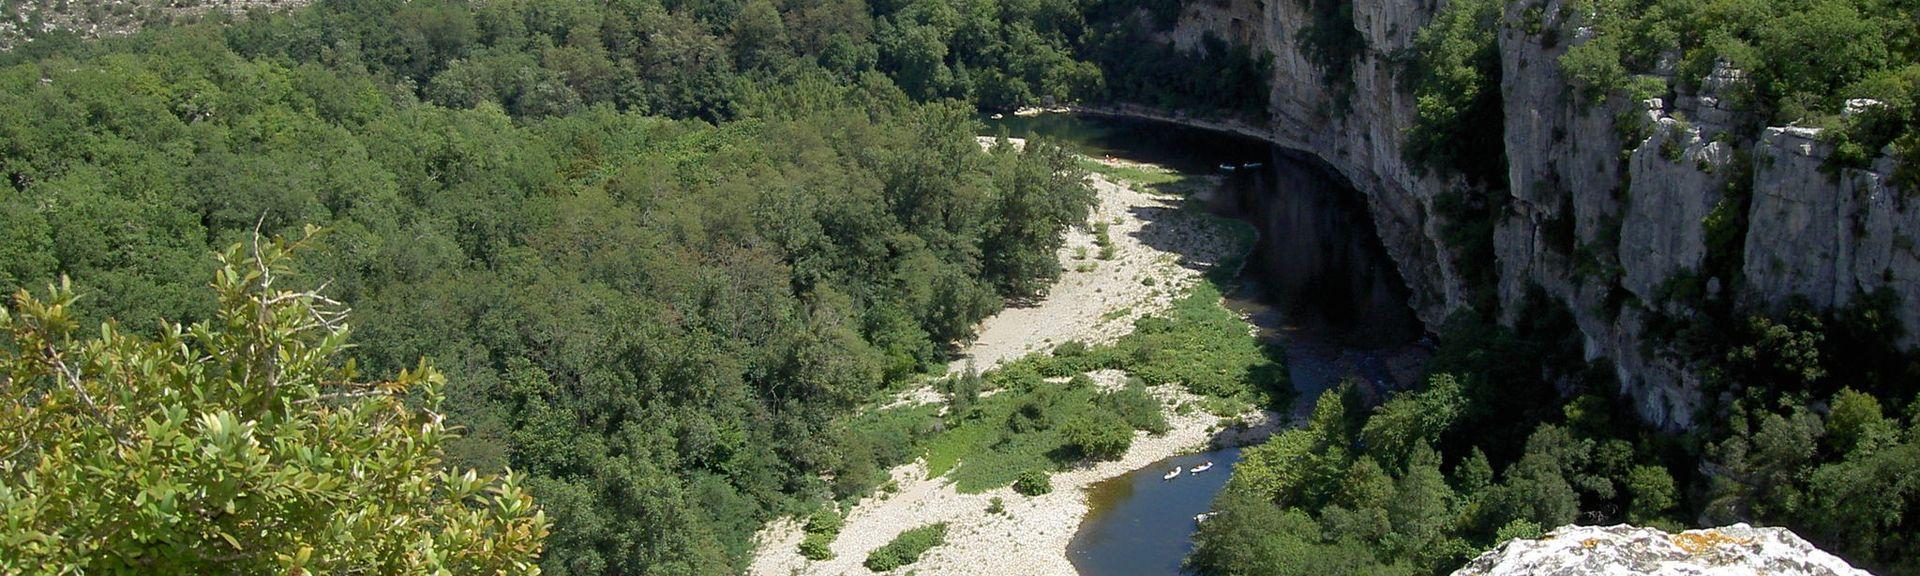 Sénéchas, Occitanie, France